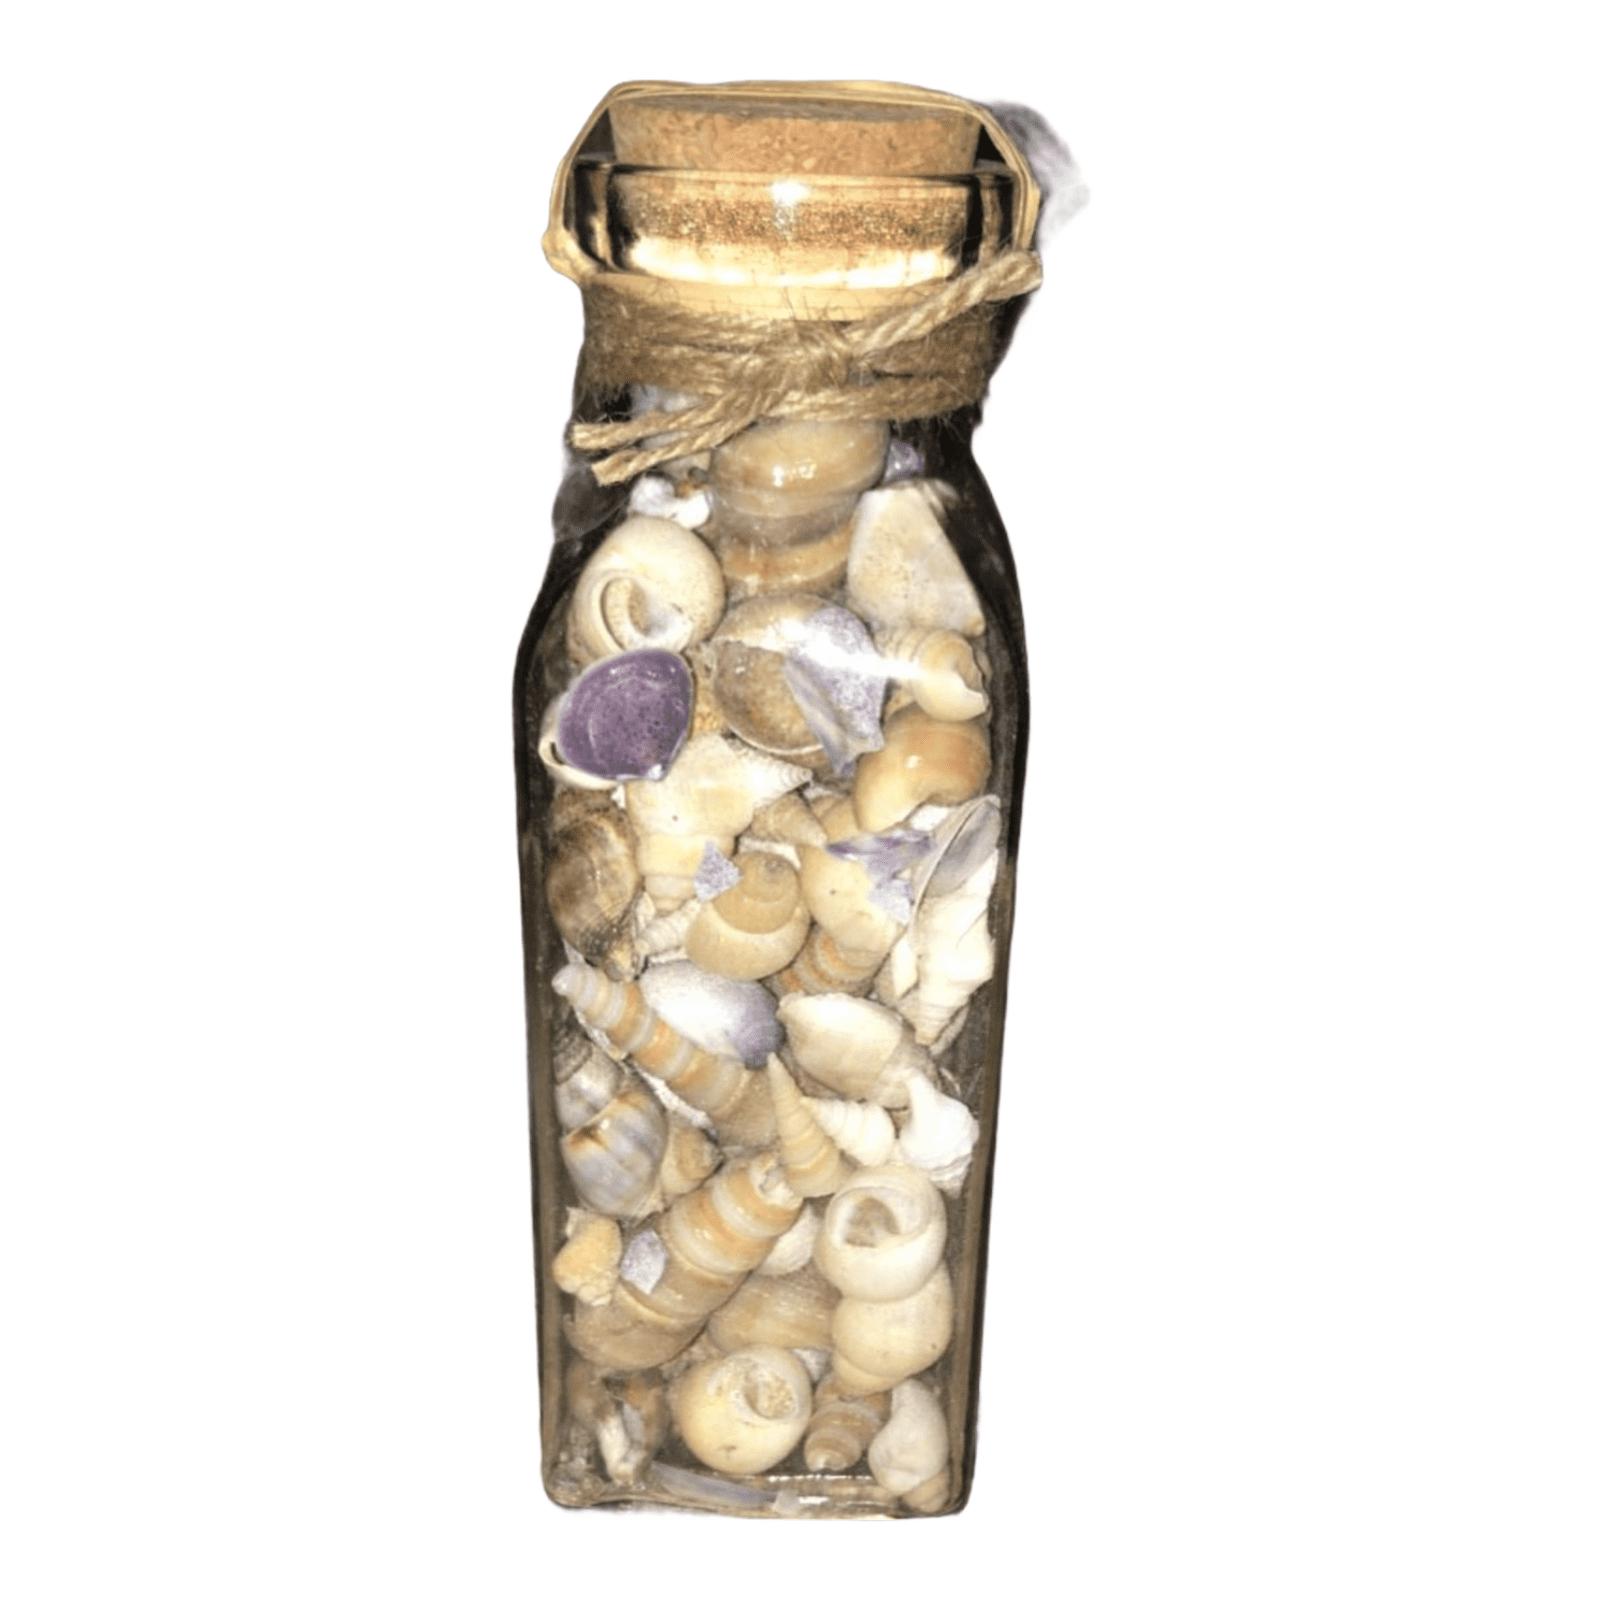 Muscheln in Glasflasche